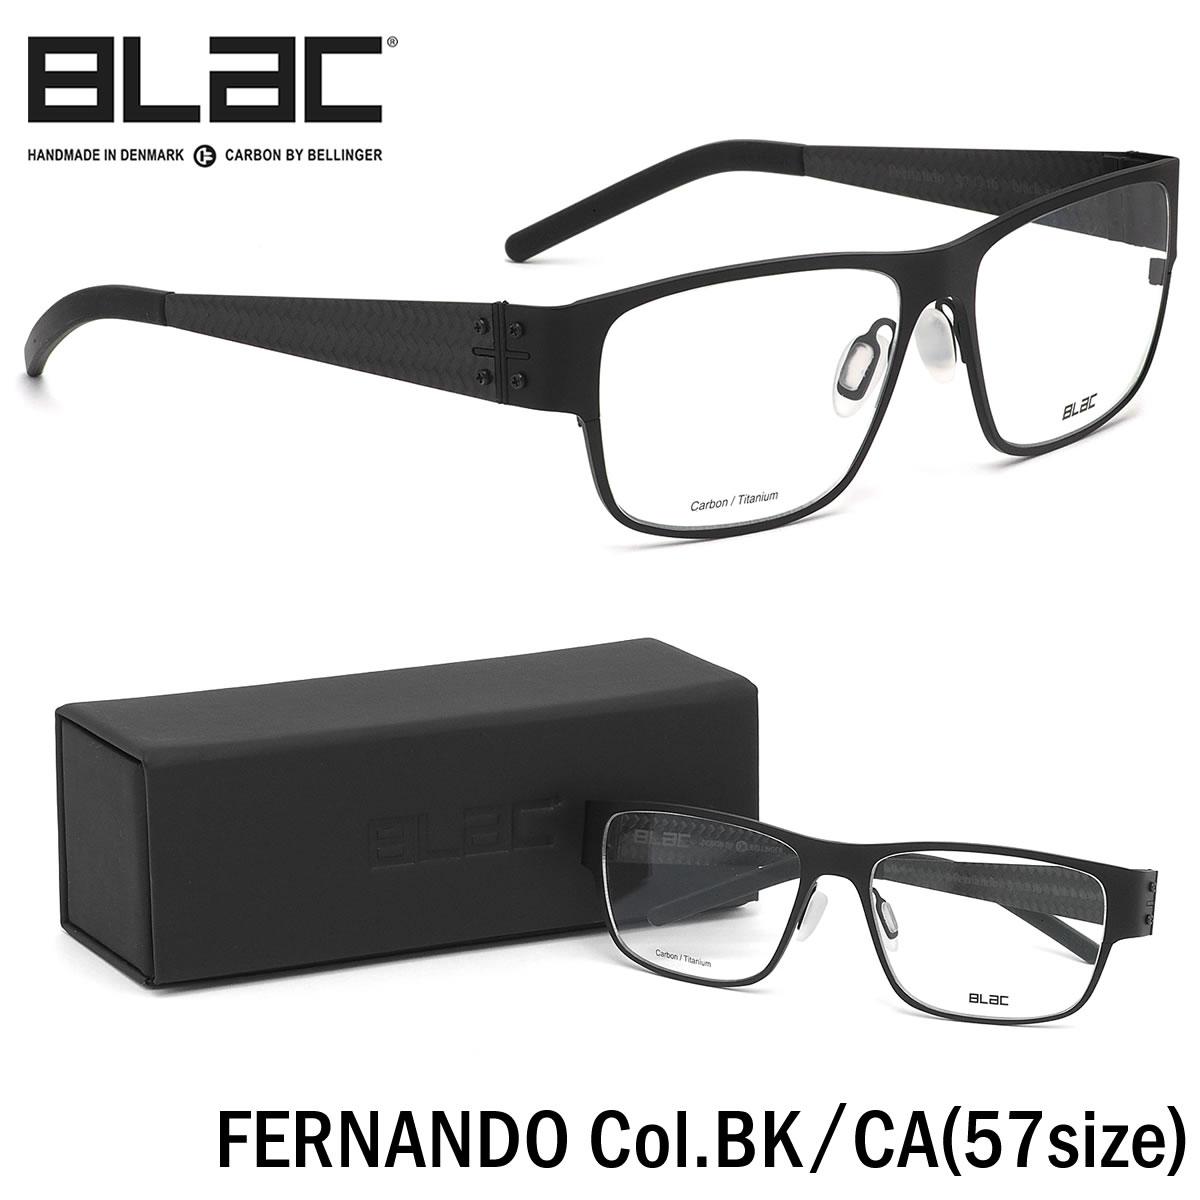 ほぼ全品ポイント15倍~20倍+15倍+2倍 ブラック BLaC メガネFERNANDO BK/CA 57サイズFERNANDO カーボンファイバー CARBON FIBER ハイブリッド Titanium チタニウムブラック BLaC メンズ レディース